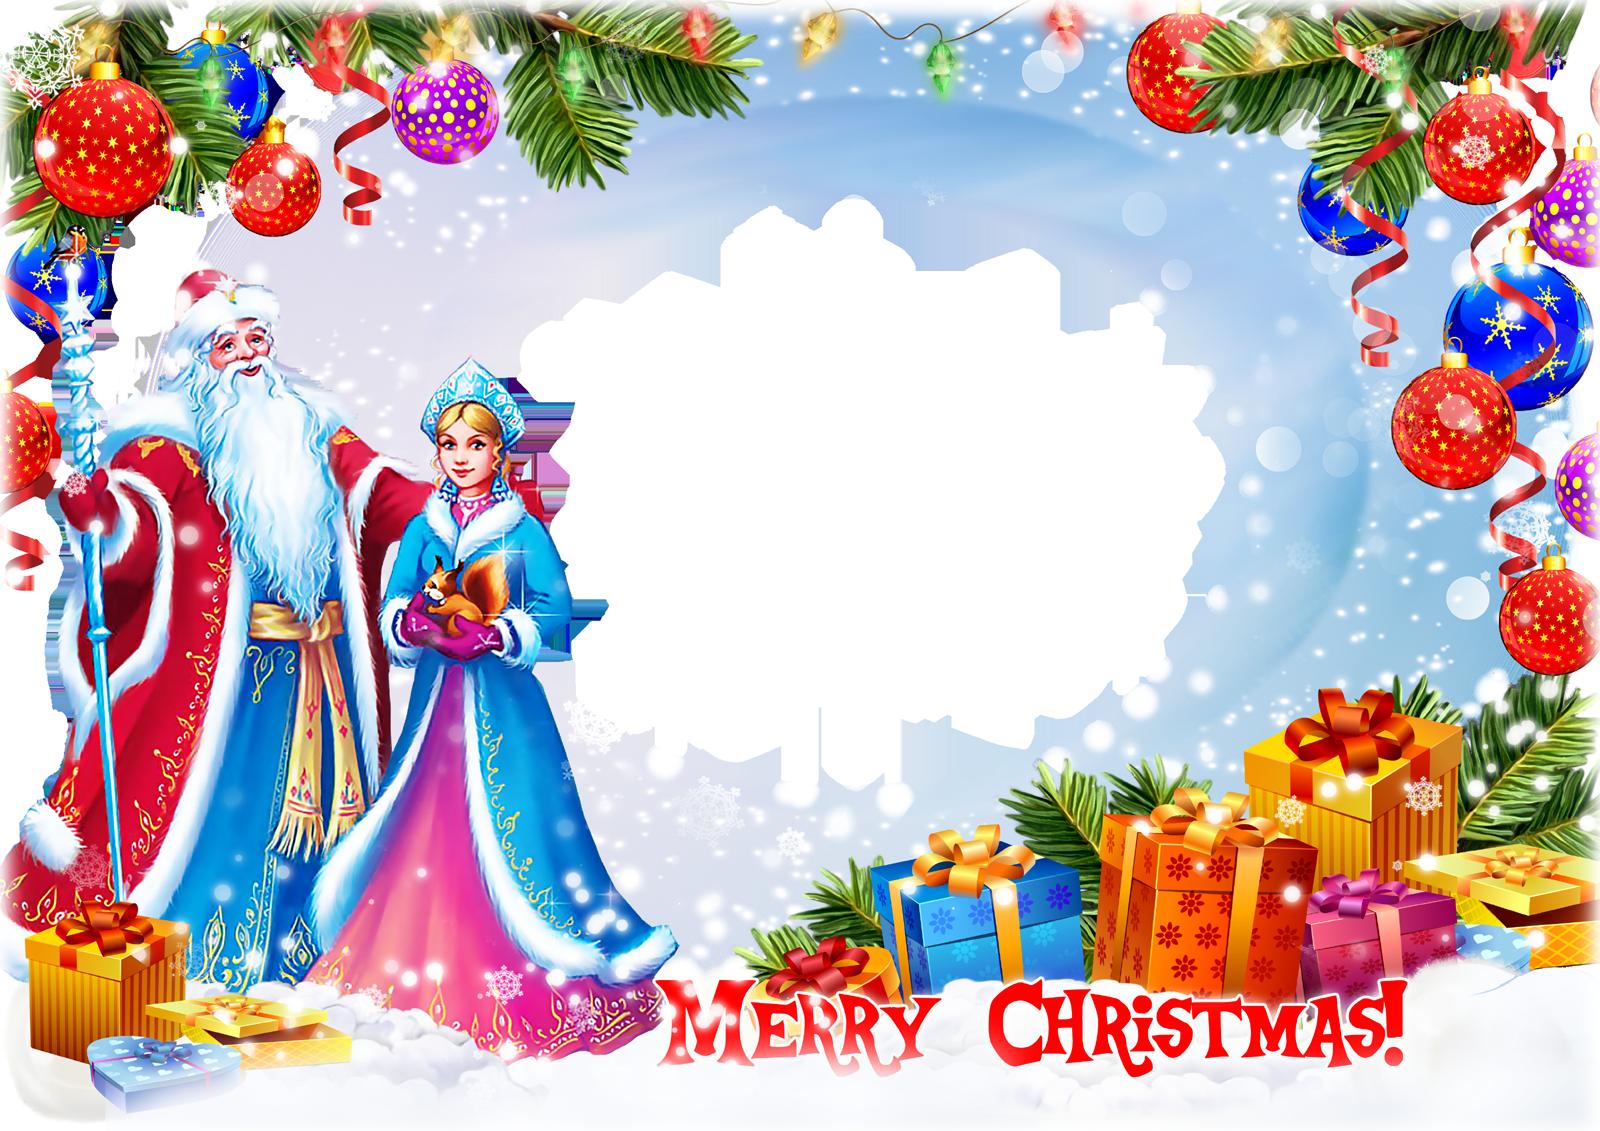 princess christmas frames download free - Princess Christmas